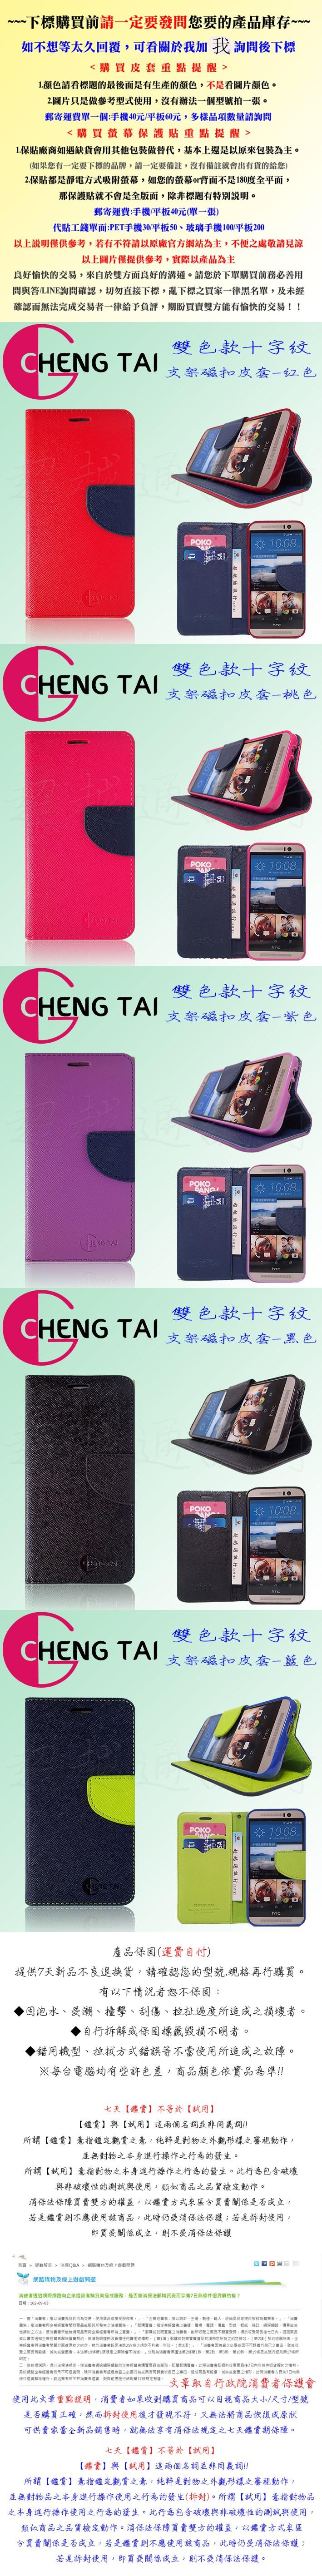 CHENG TAI Apple iPhone 5 5S SE  實體 磁扣 插卡 皮套 CT雙色